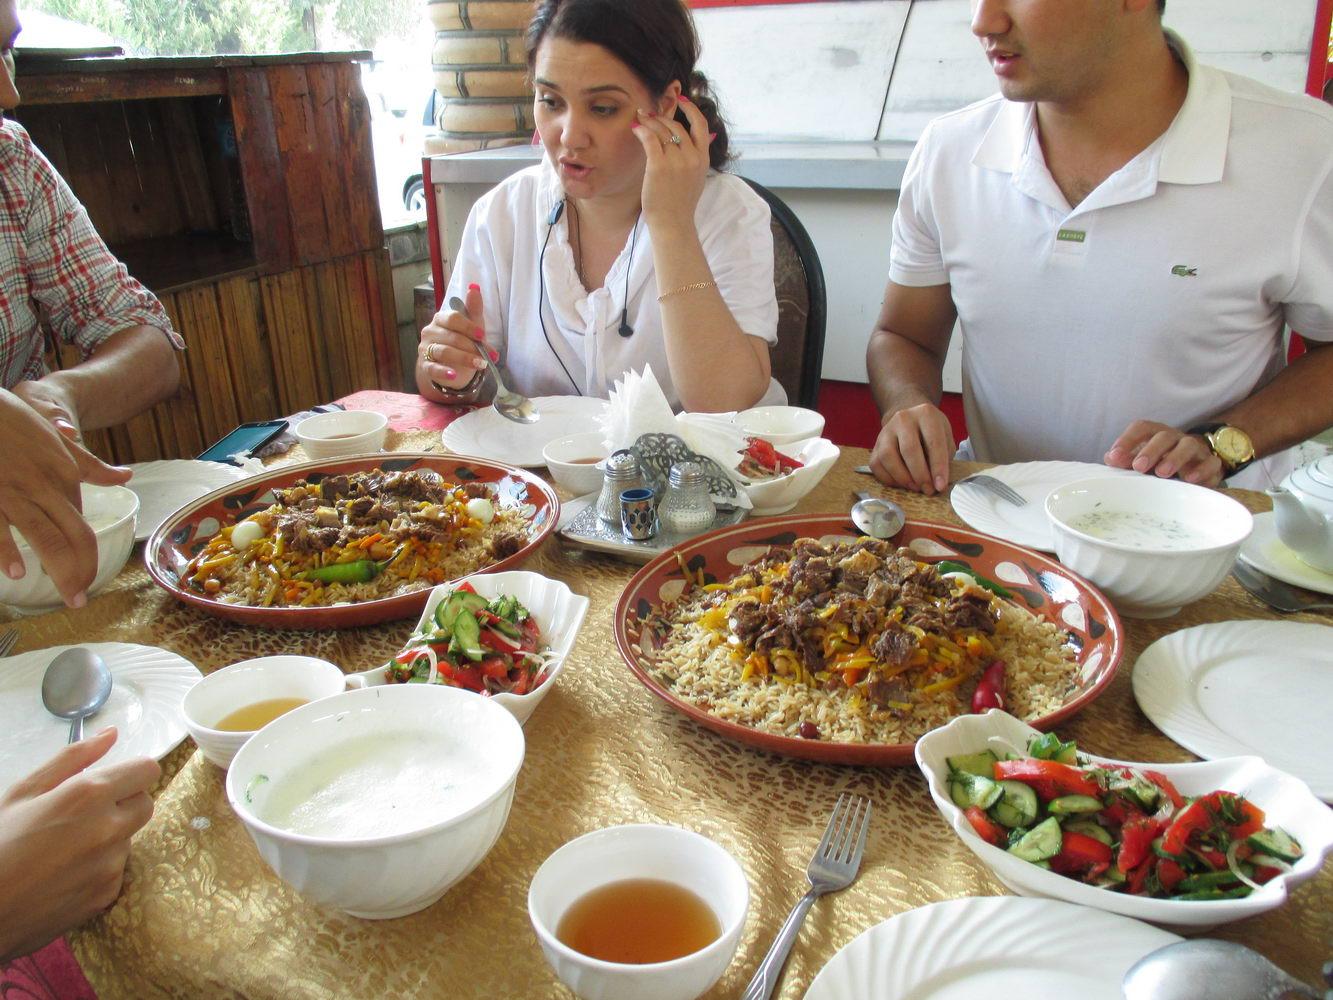 кушаем плов в ресторане. узбекистан самарканд